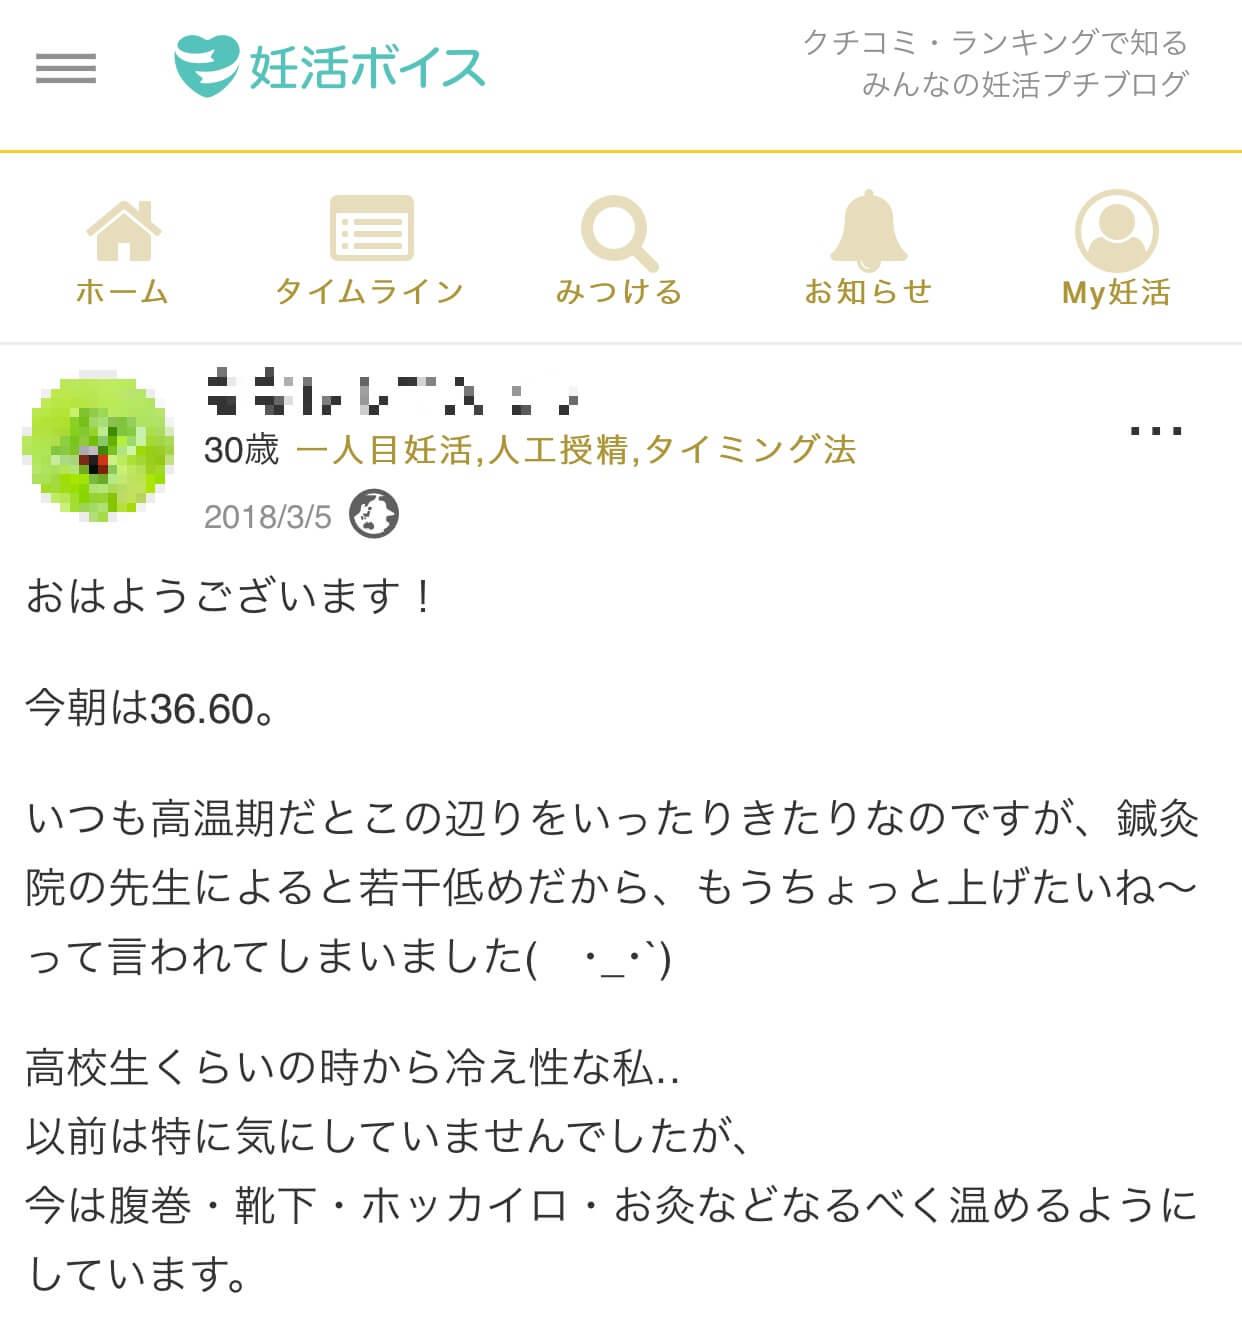 Nさん(30歳・1人目妊活・タイミング法・人工授精)